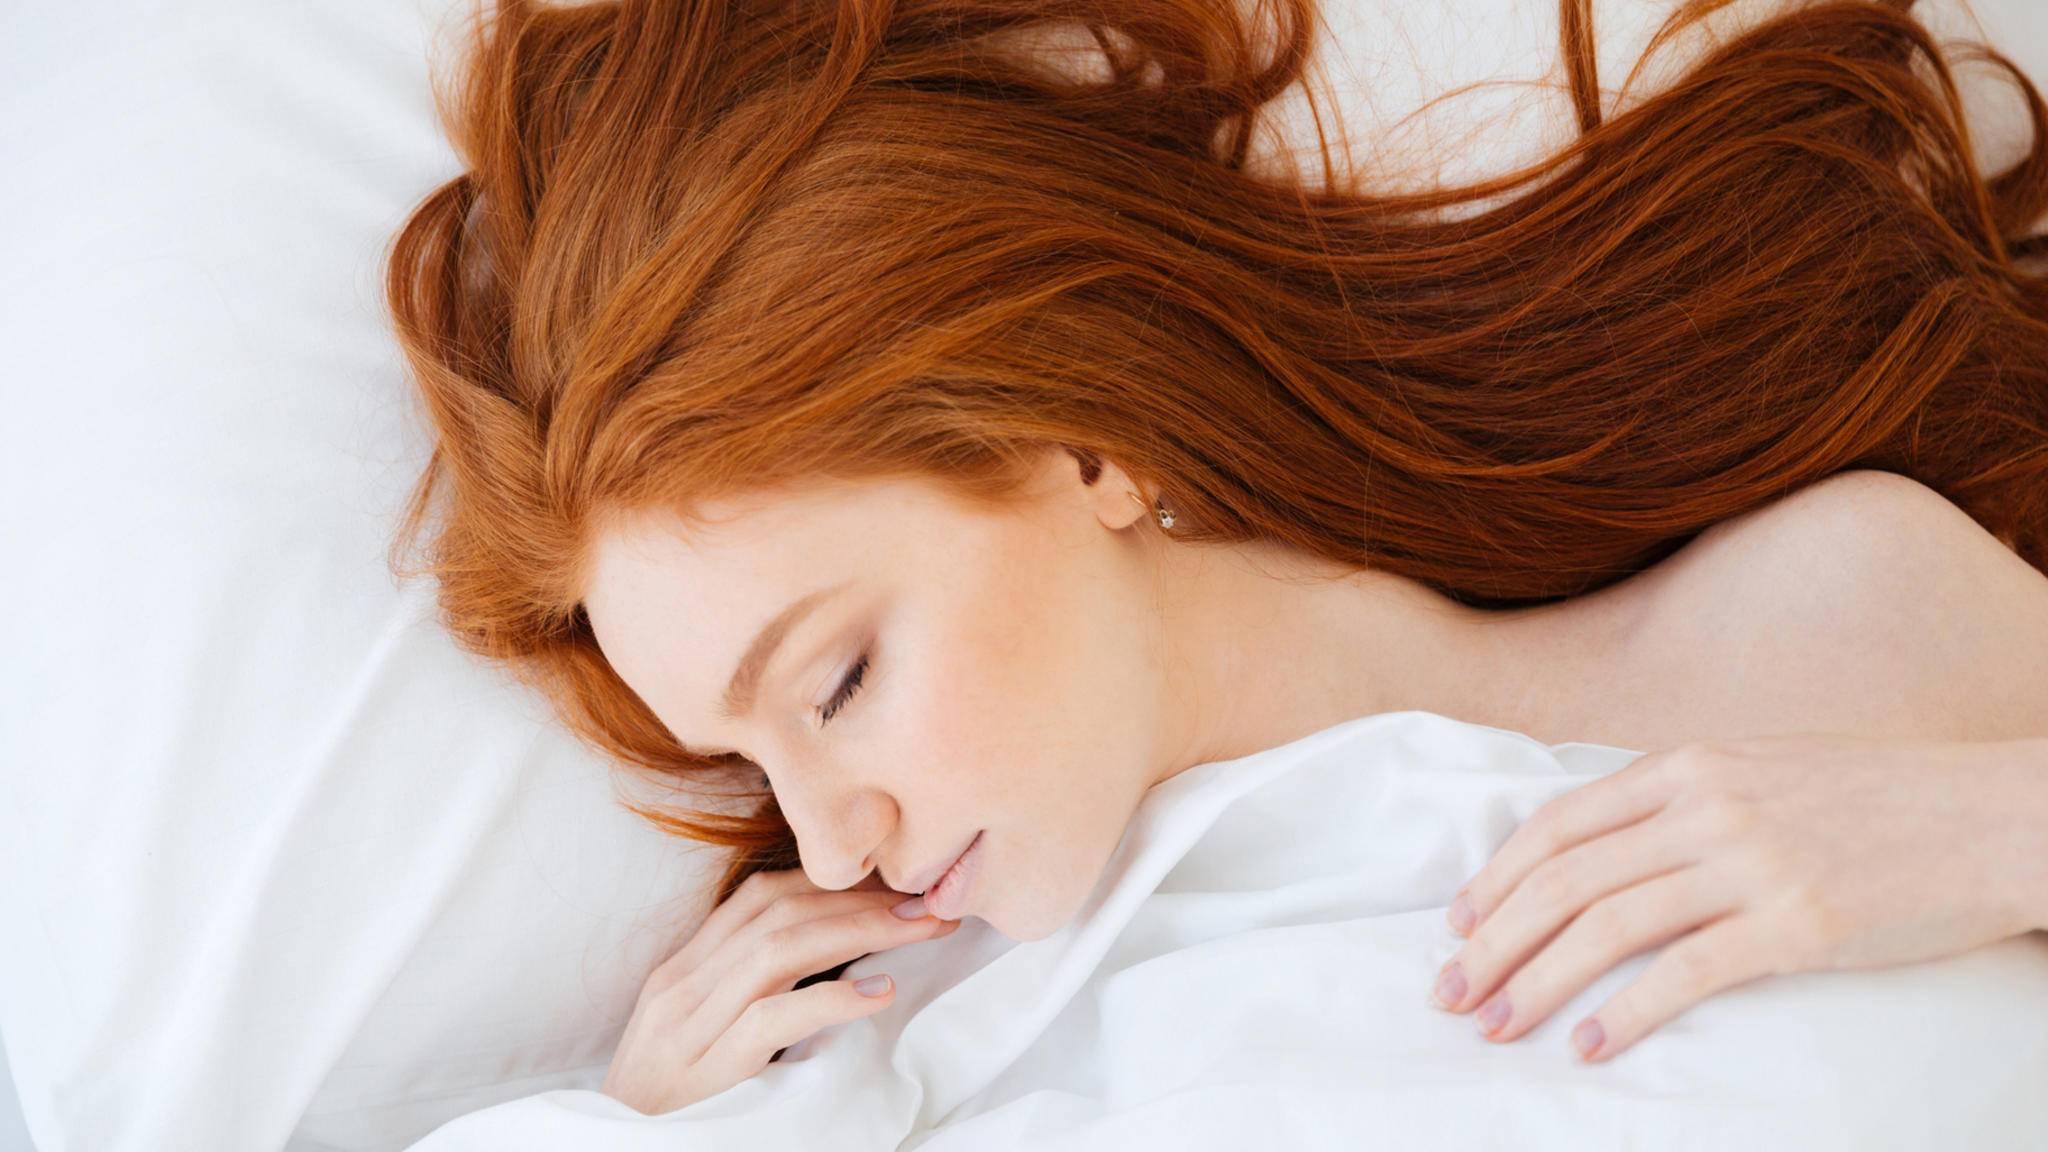 Bekommt der Körper zu wenig Schlaf, leidet offensichtlich die Attraktivität.